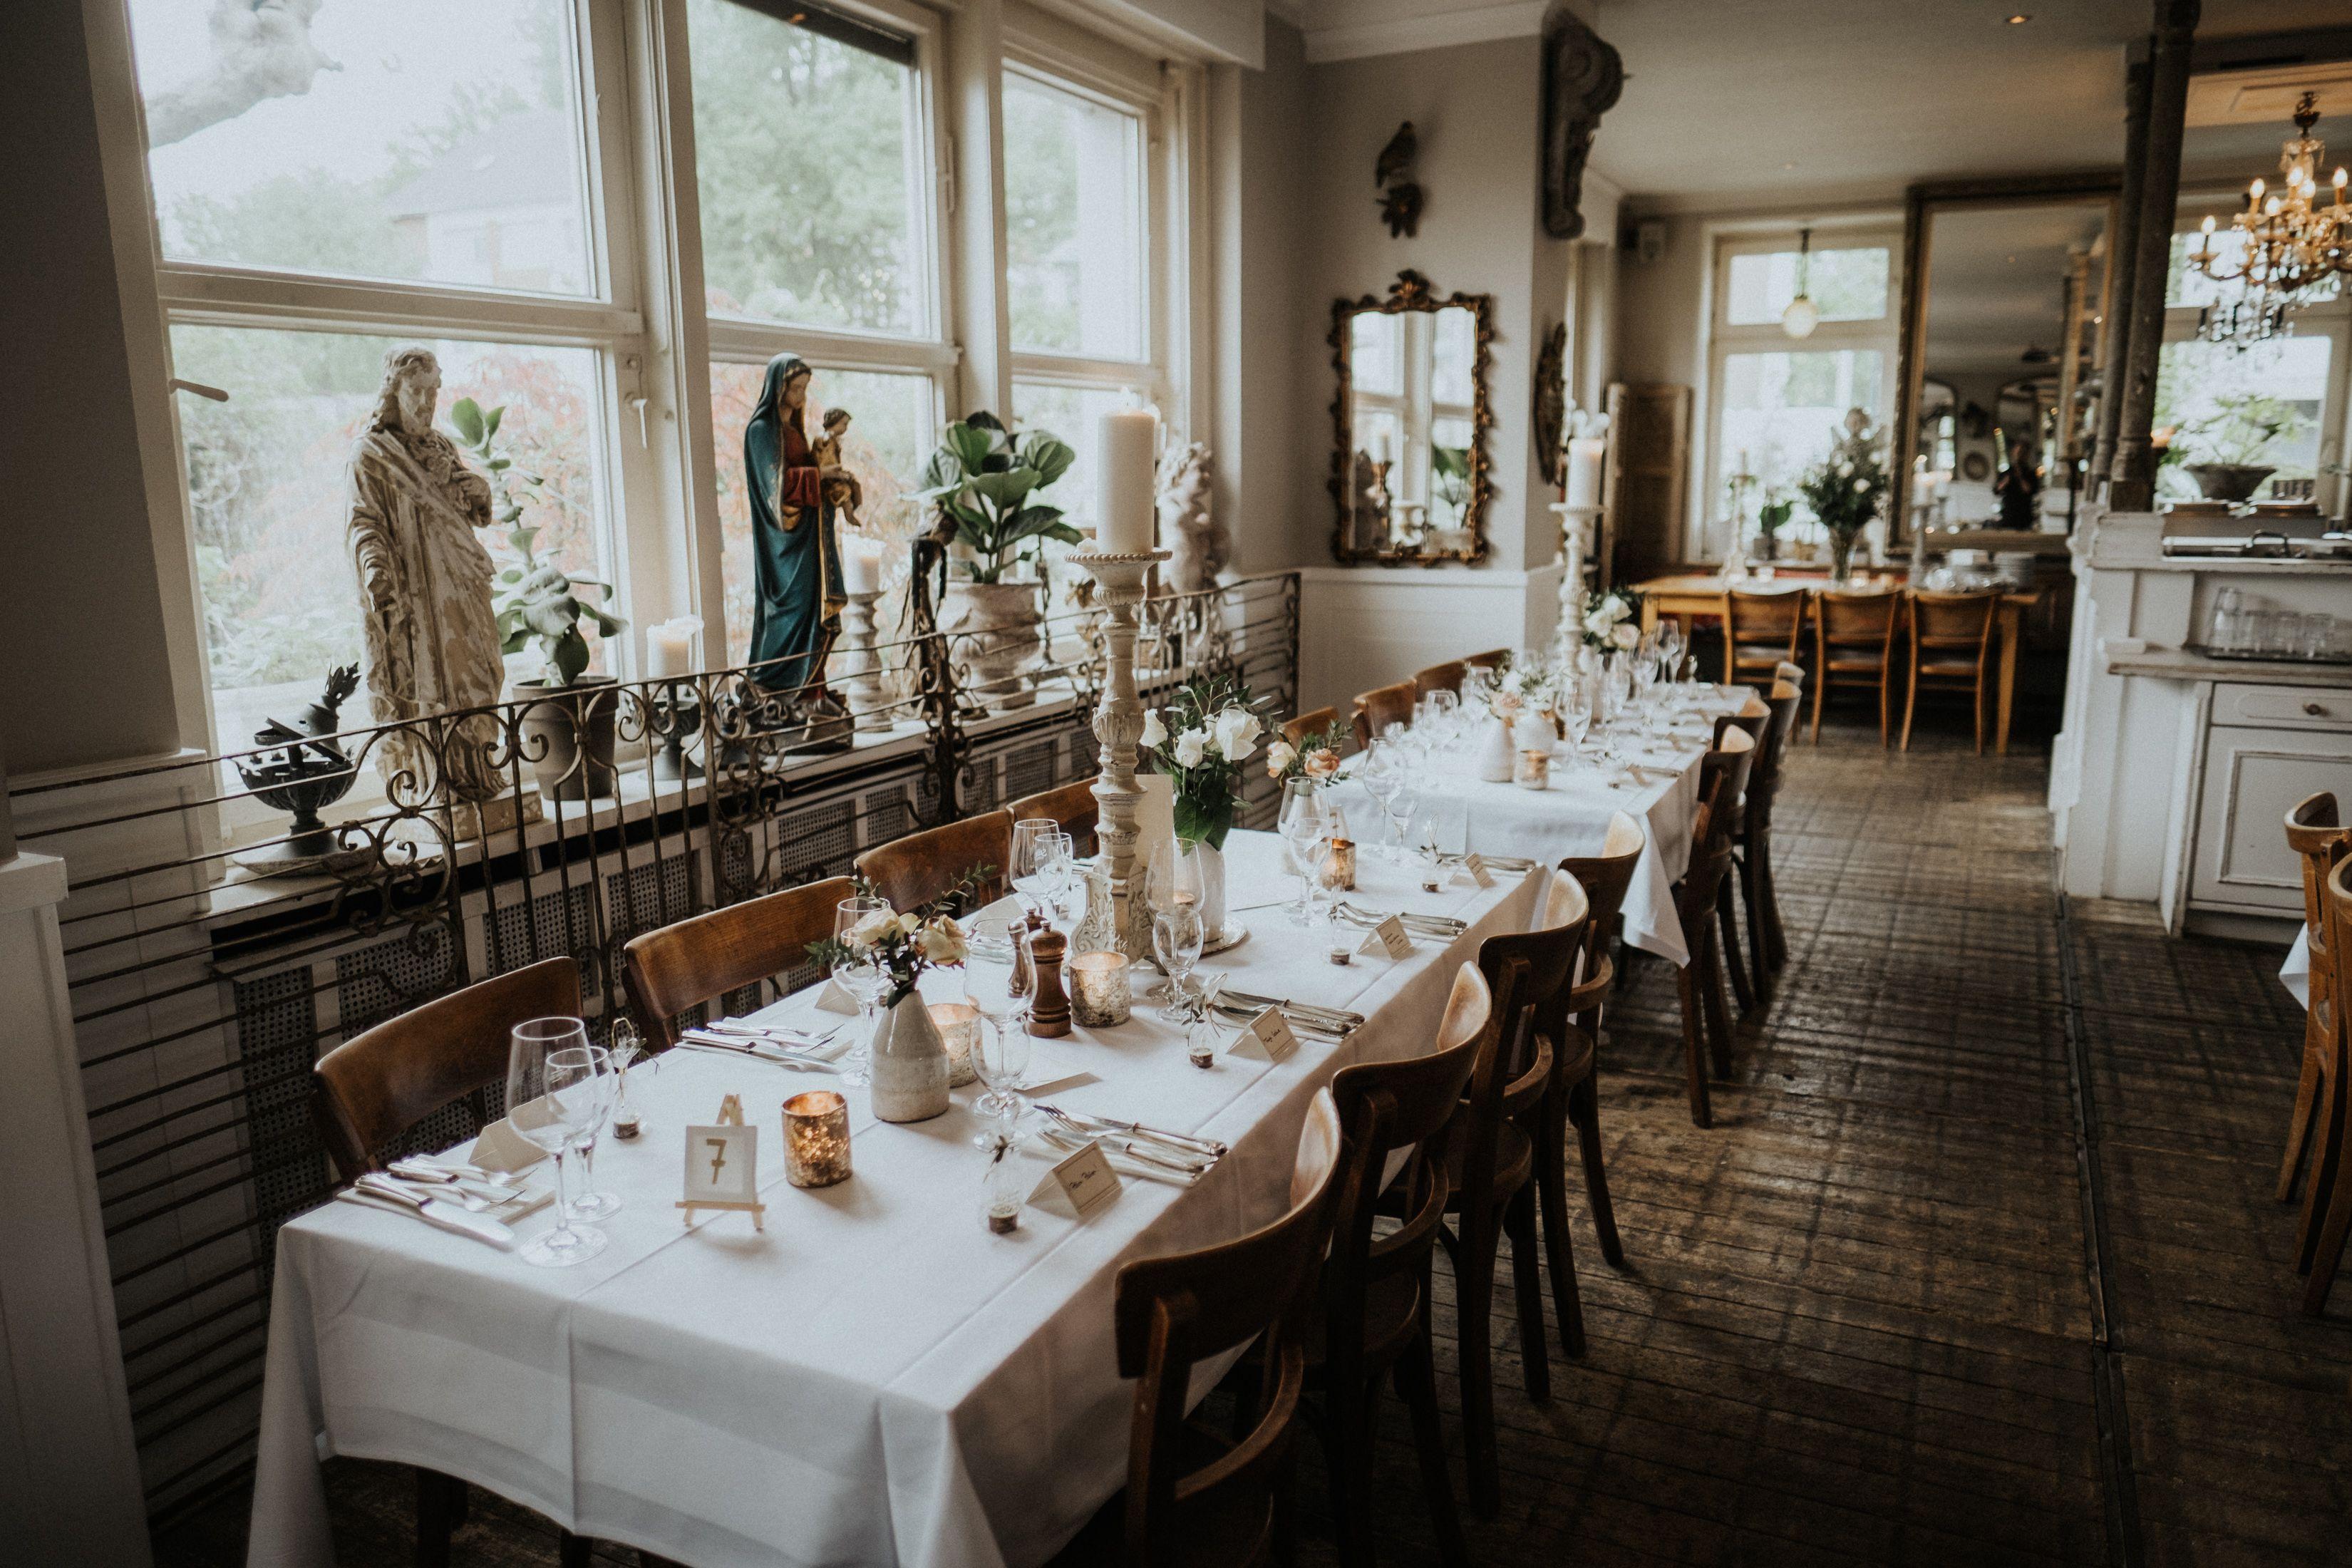 Hochzeit Feiern Im La Du In Dusseldorf La Du Hochzeit Feiern Hochzeit